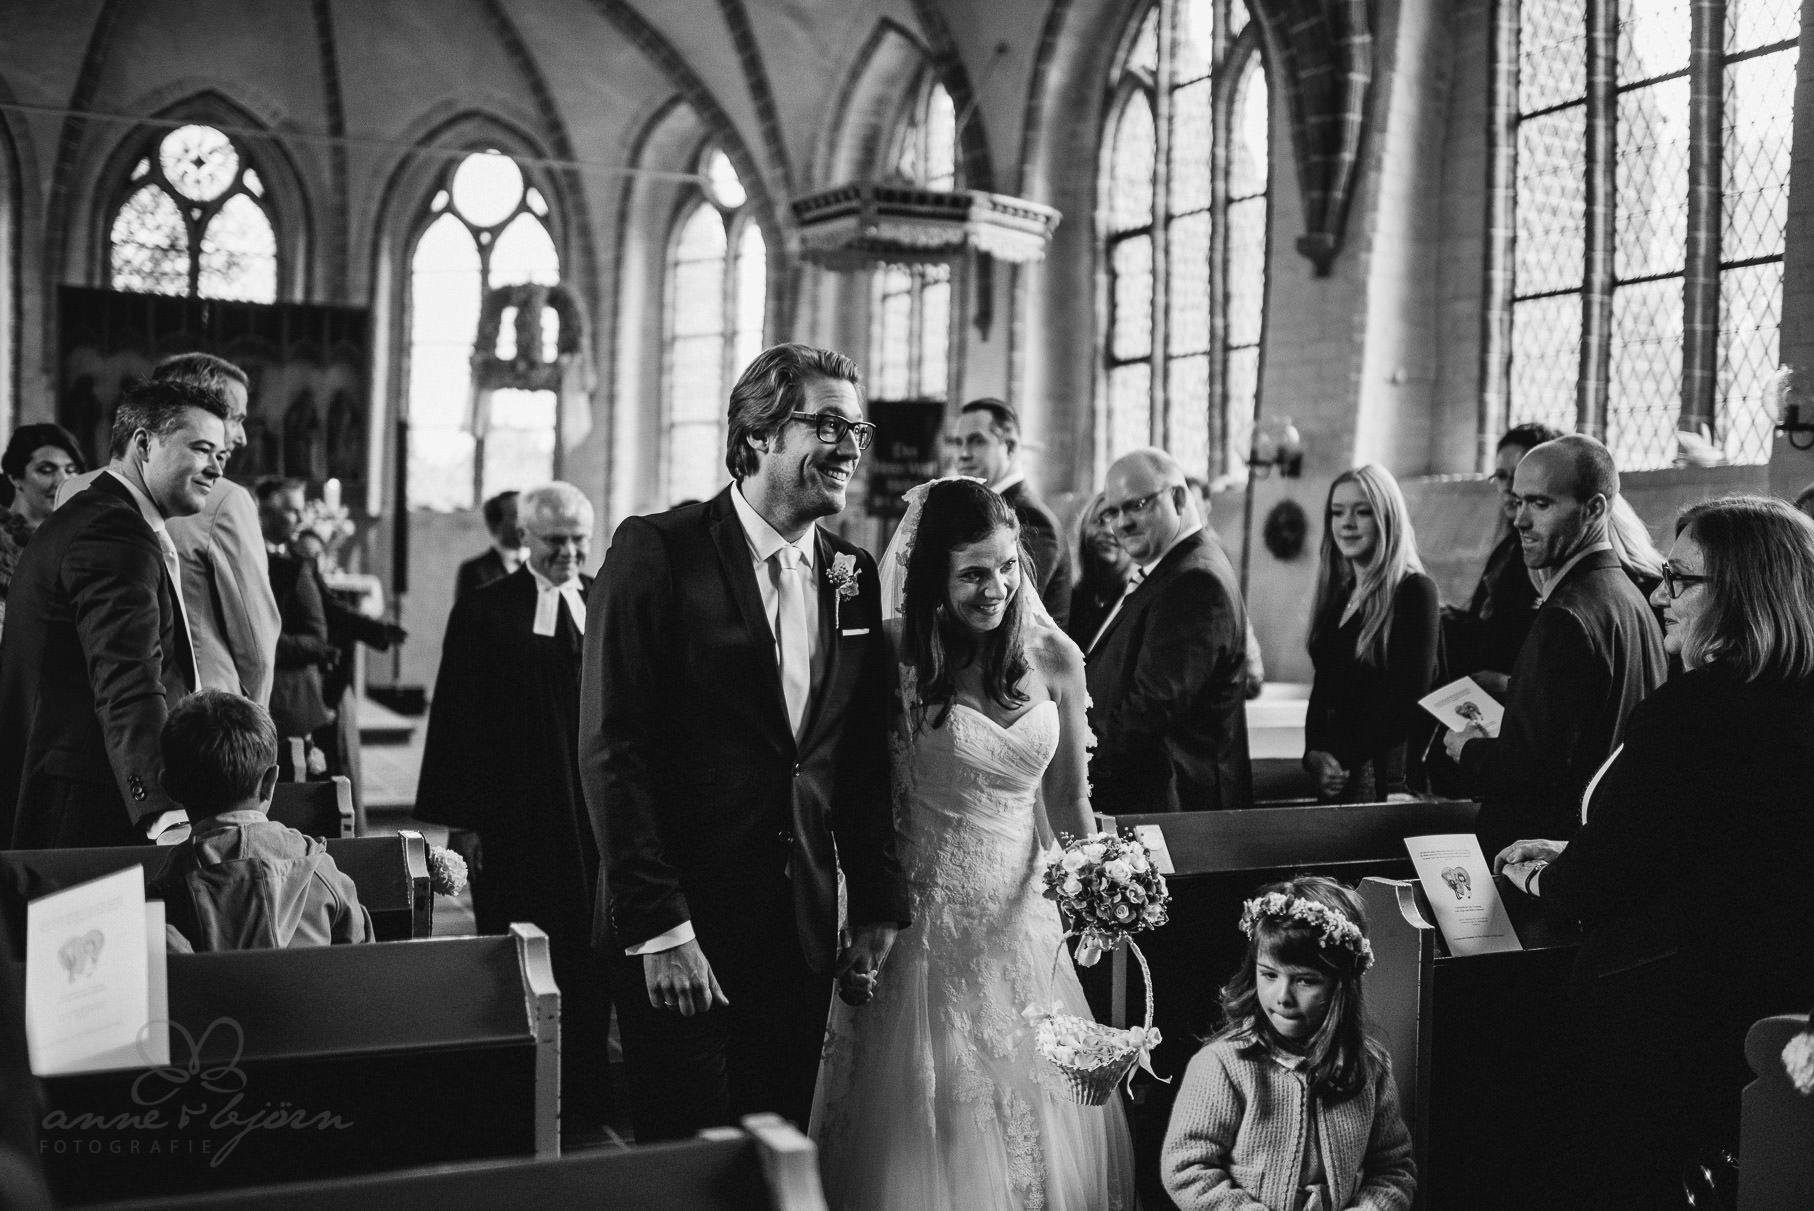 0067 aub 812 9577 - Hochzeit auf Gut Thansen - Anja & Björn